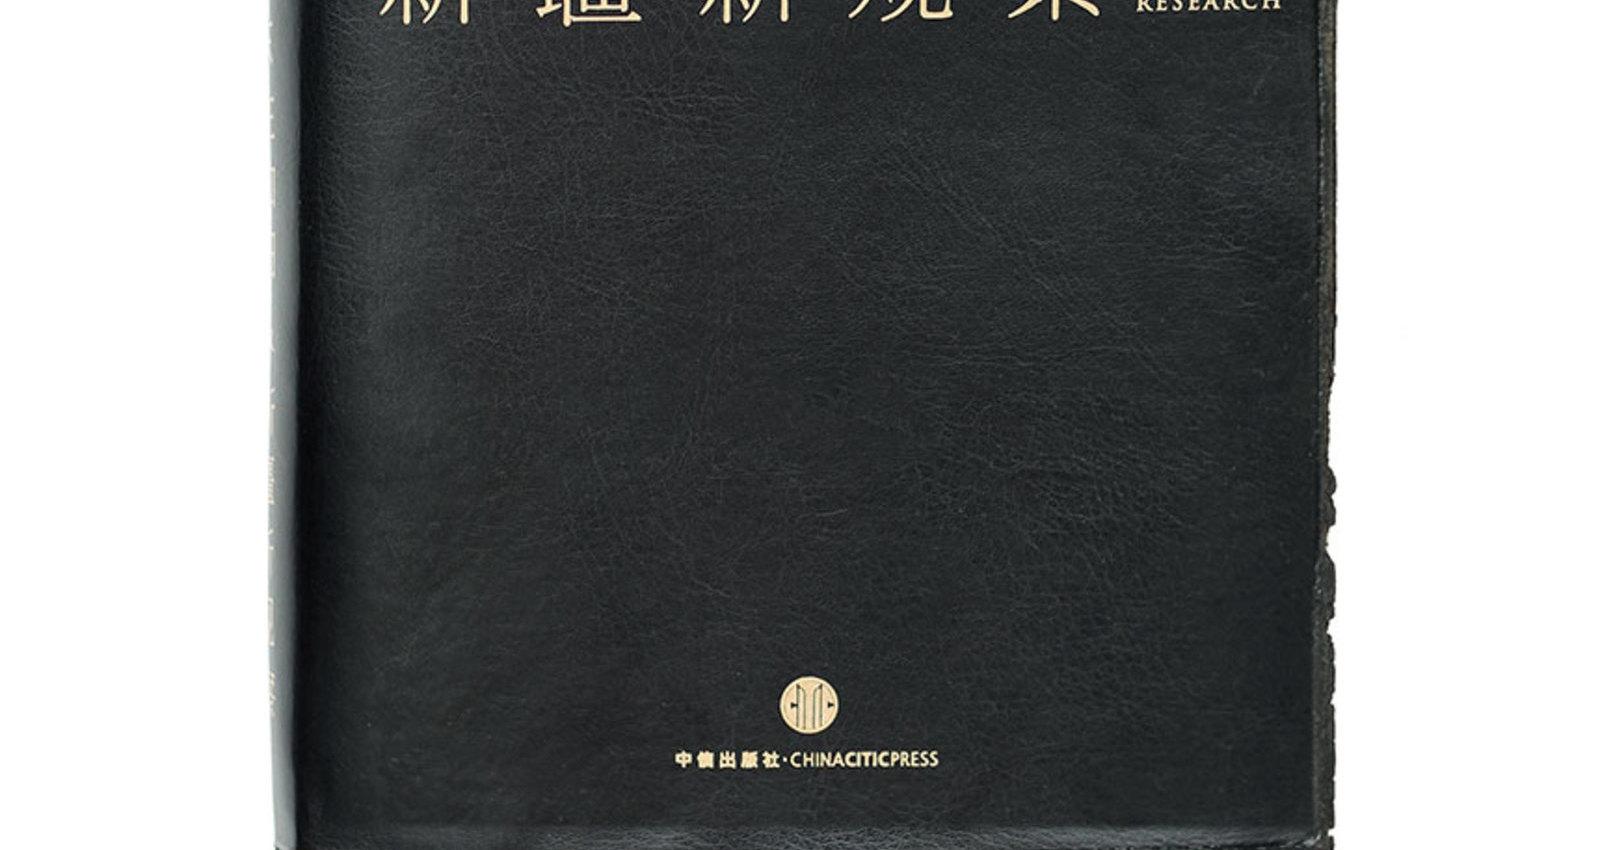 Liu Xiaodong's Hotan Project & Xinjiang Research